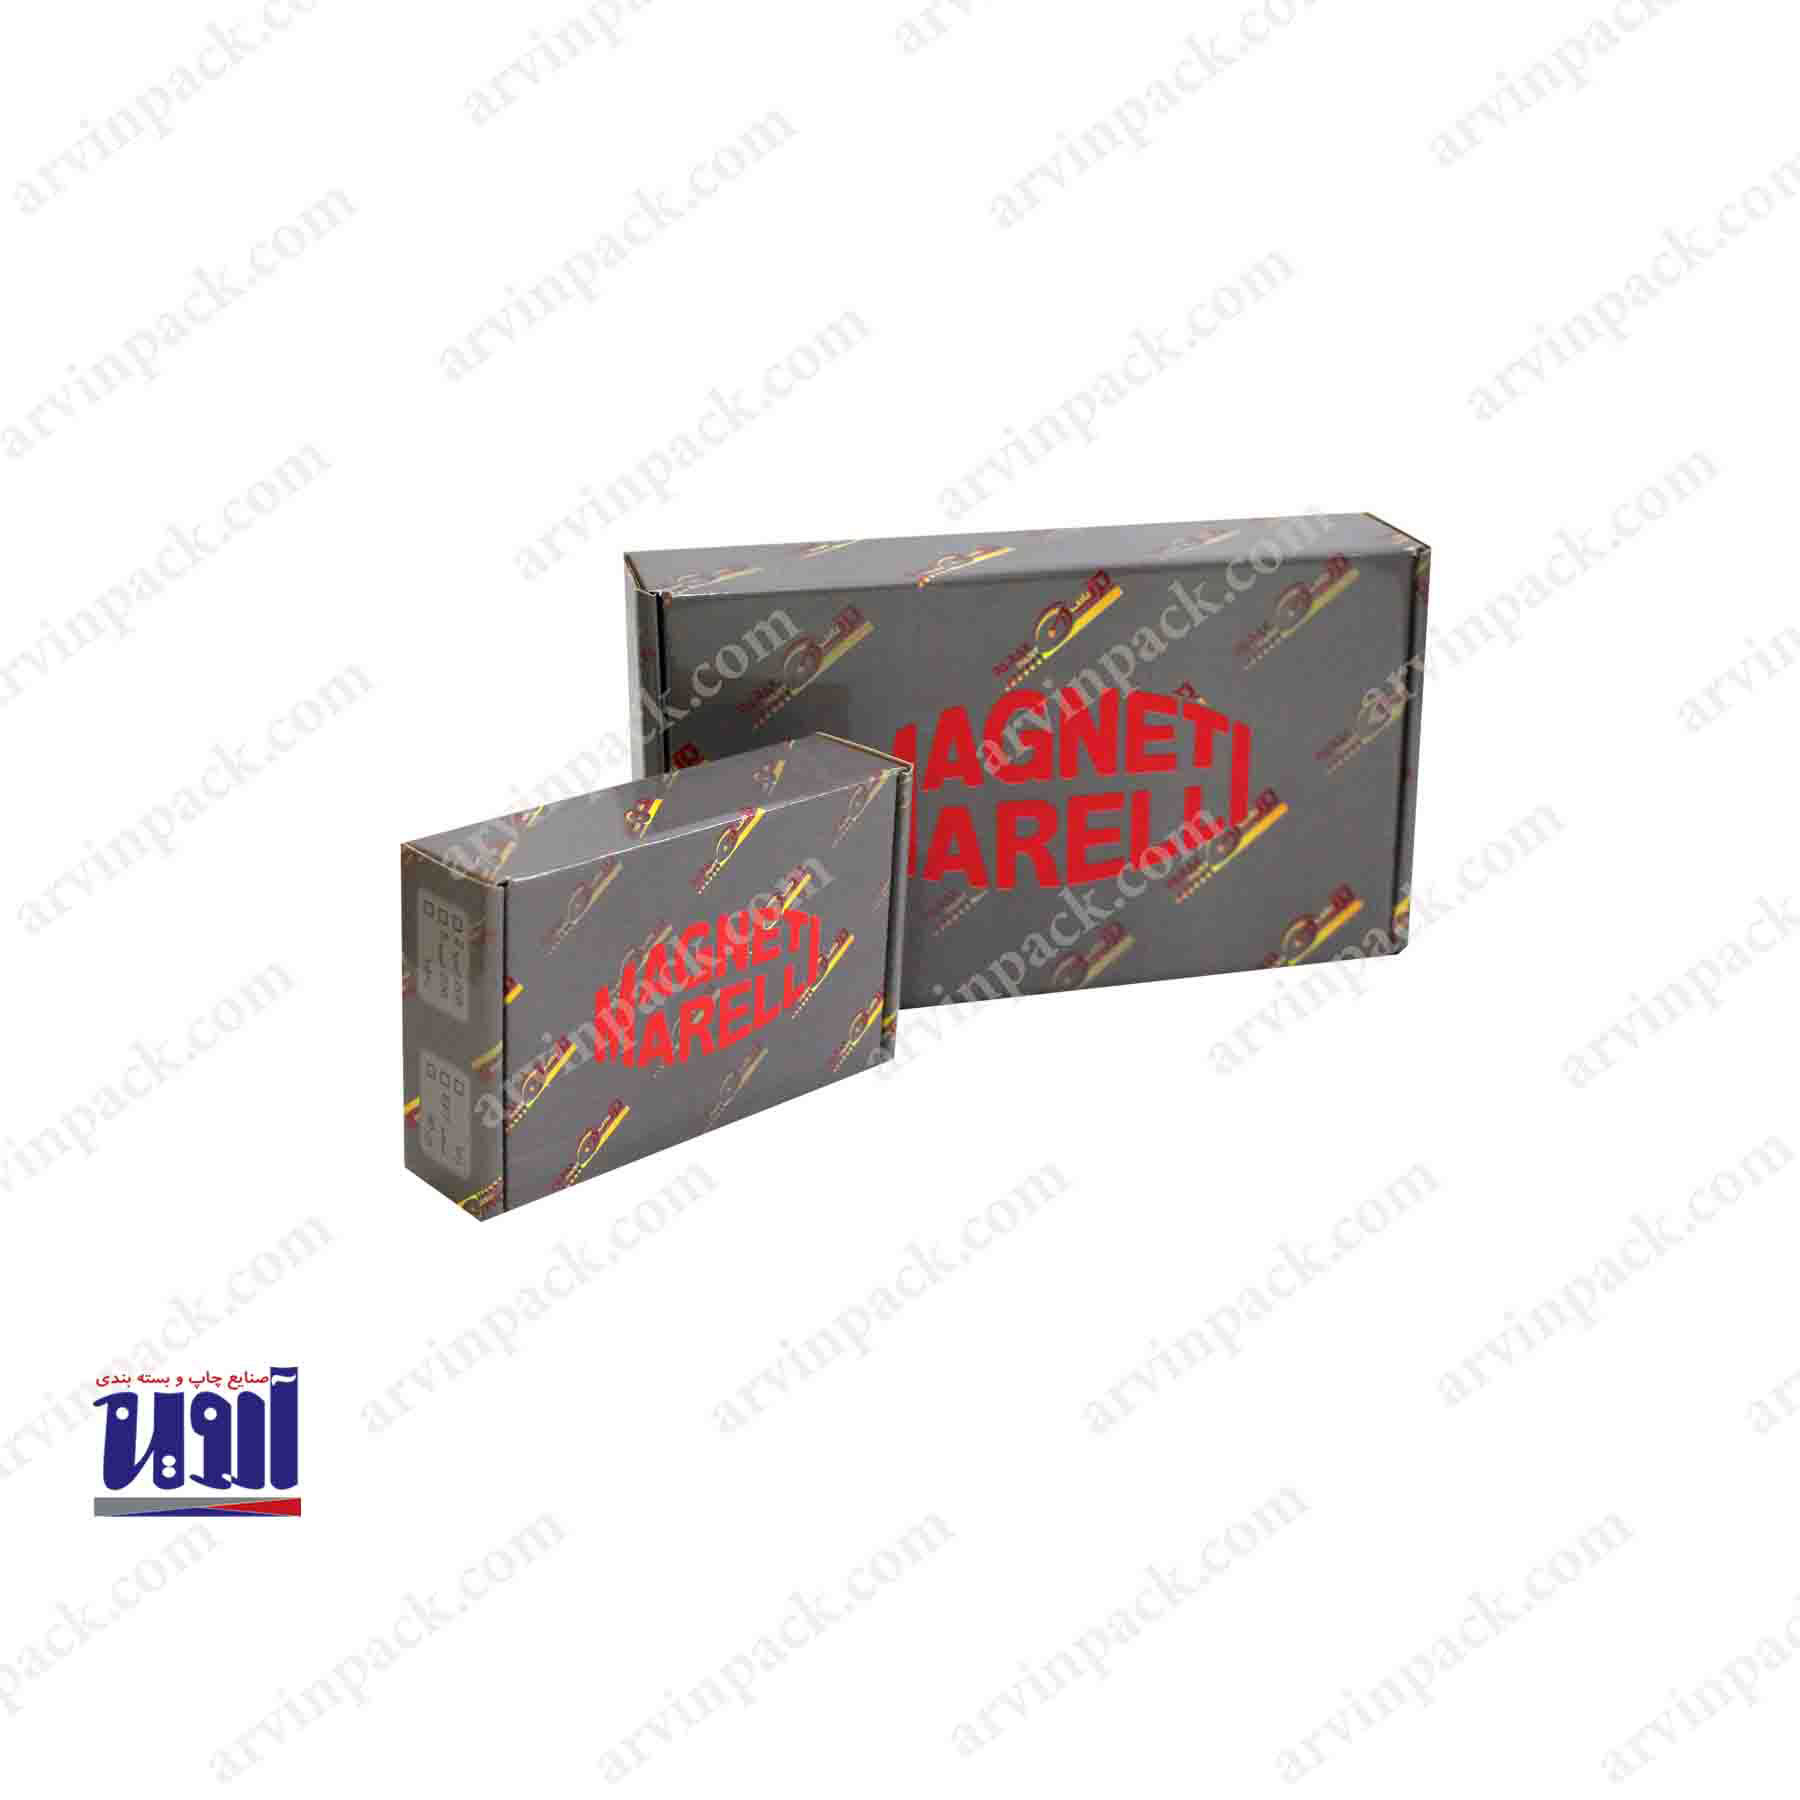 جعبه سازی و تولید جعبه لمینیتی پرک ، تولید جعبه قطعات یدکی